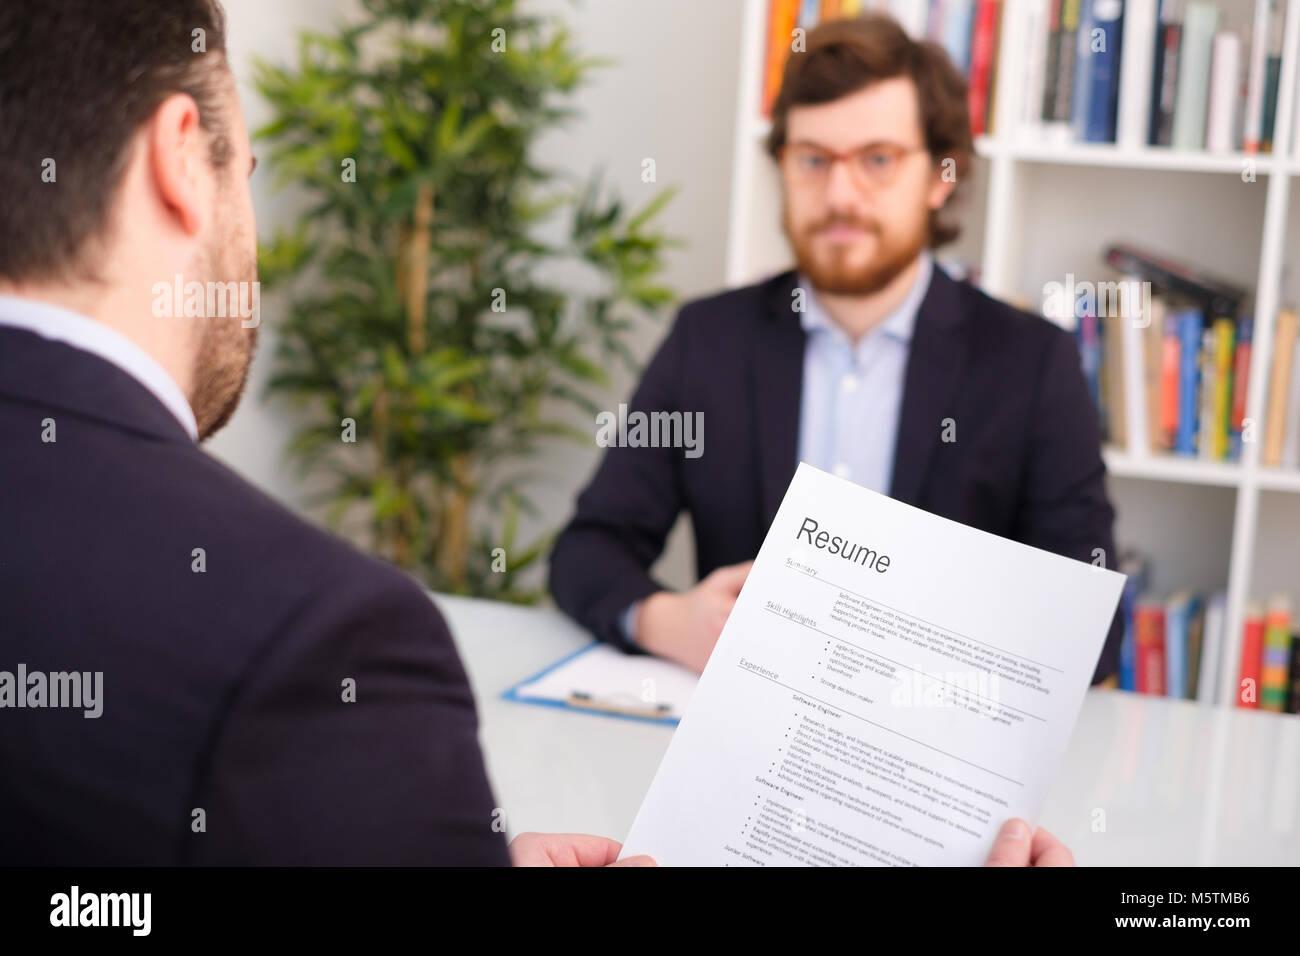 Au cours d'études lecture recruteur job interview Photo Stock